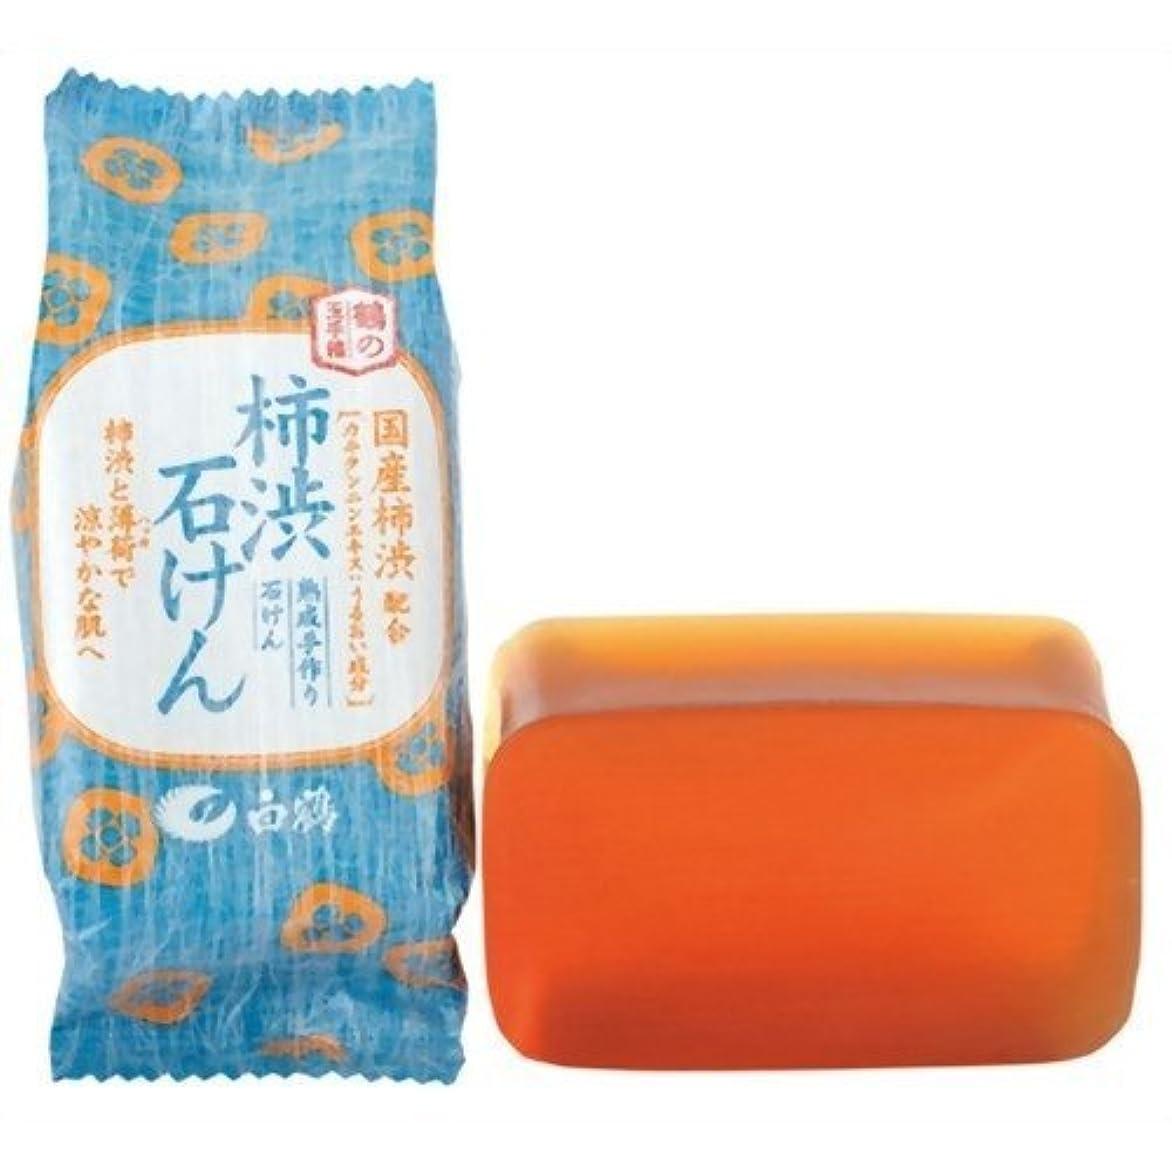 平和なブルゴーニュ白鶴 鶴の玉手箱 薬用 柿渋石けん 110g × 10個